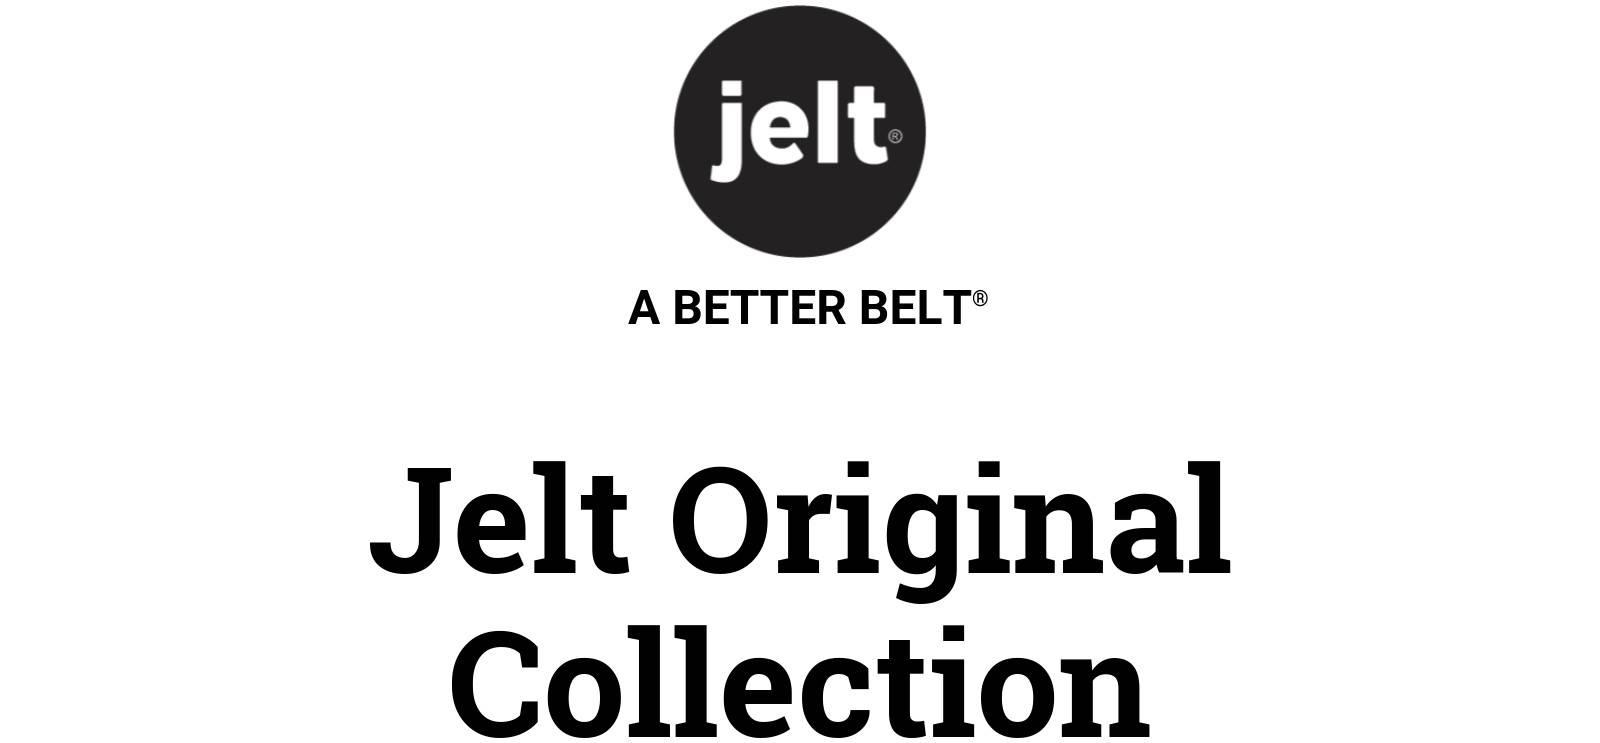 Jelt logo. A better belt. Jelt Original Collection